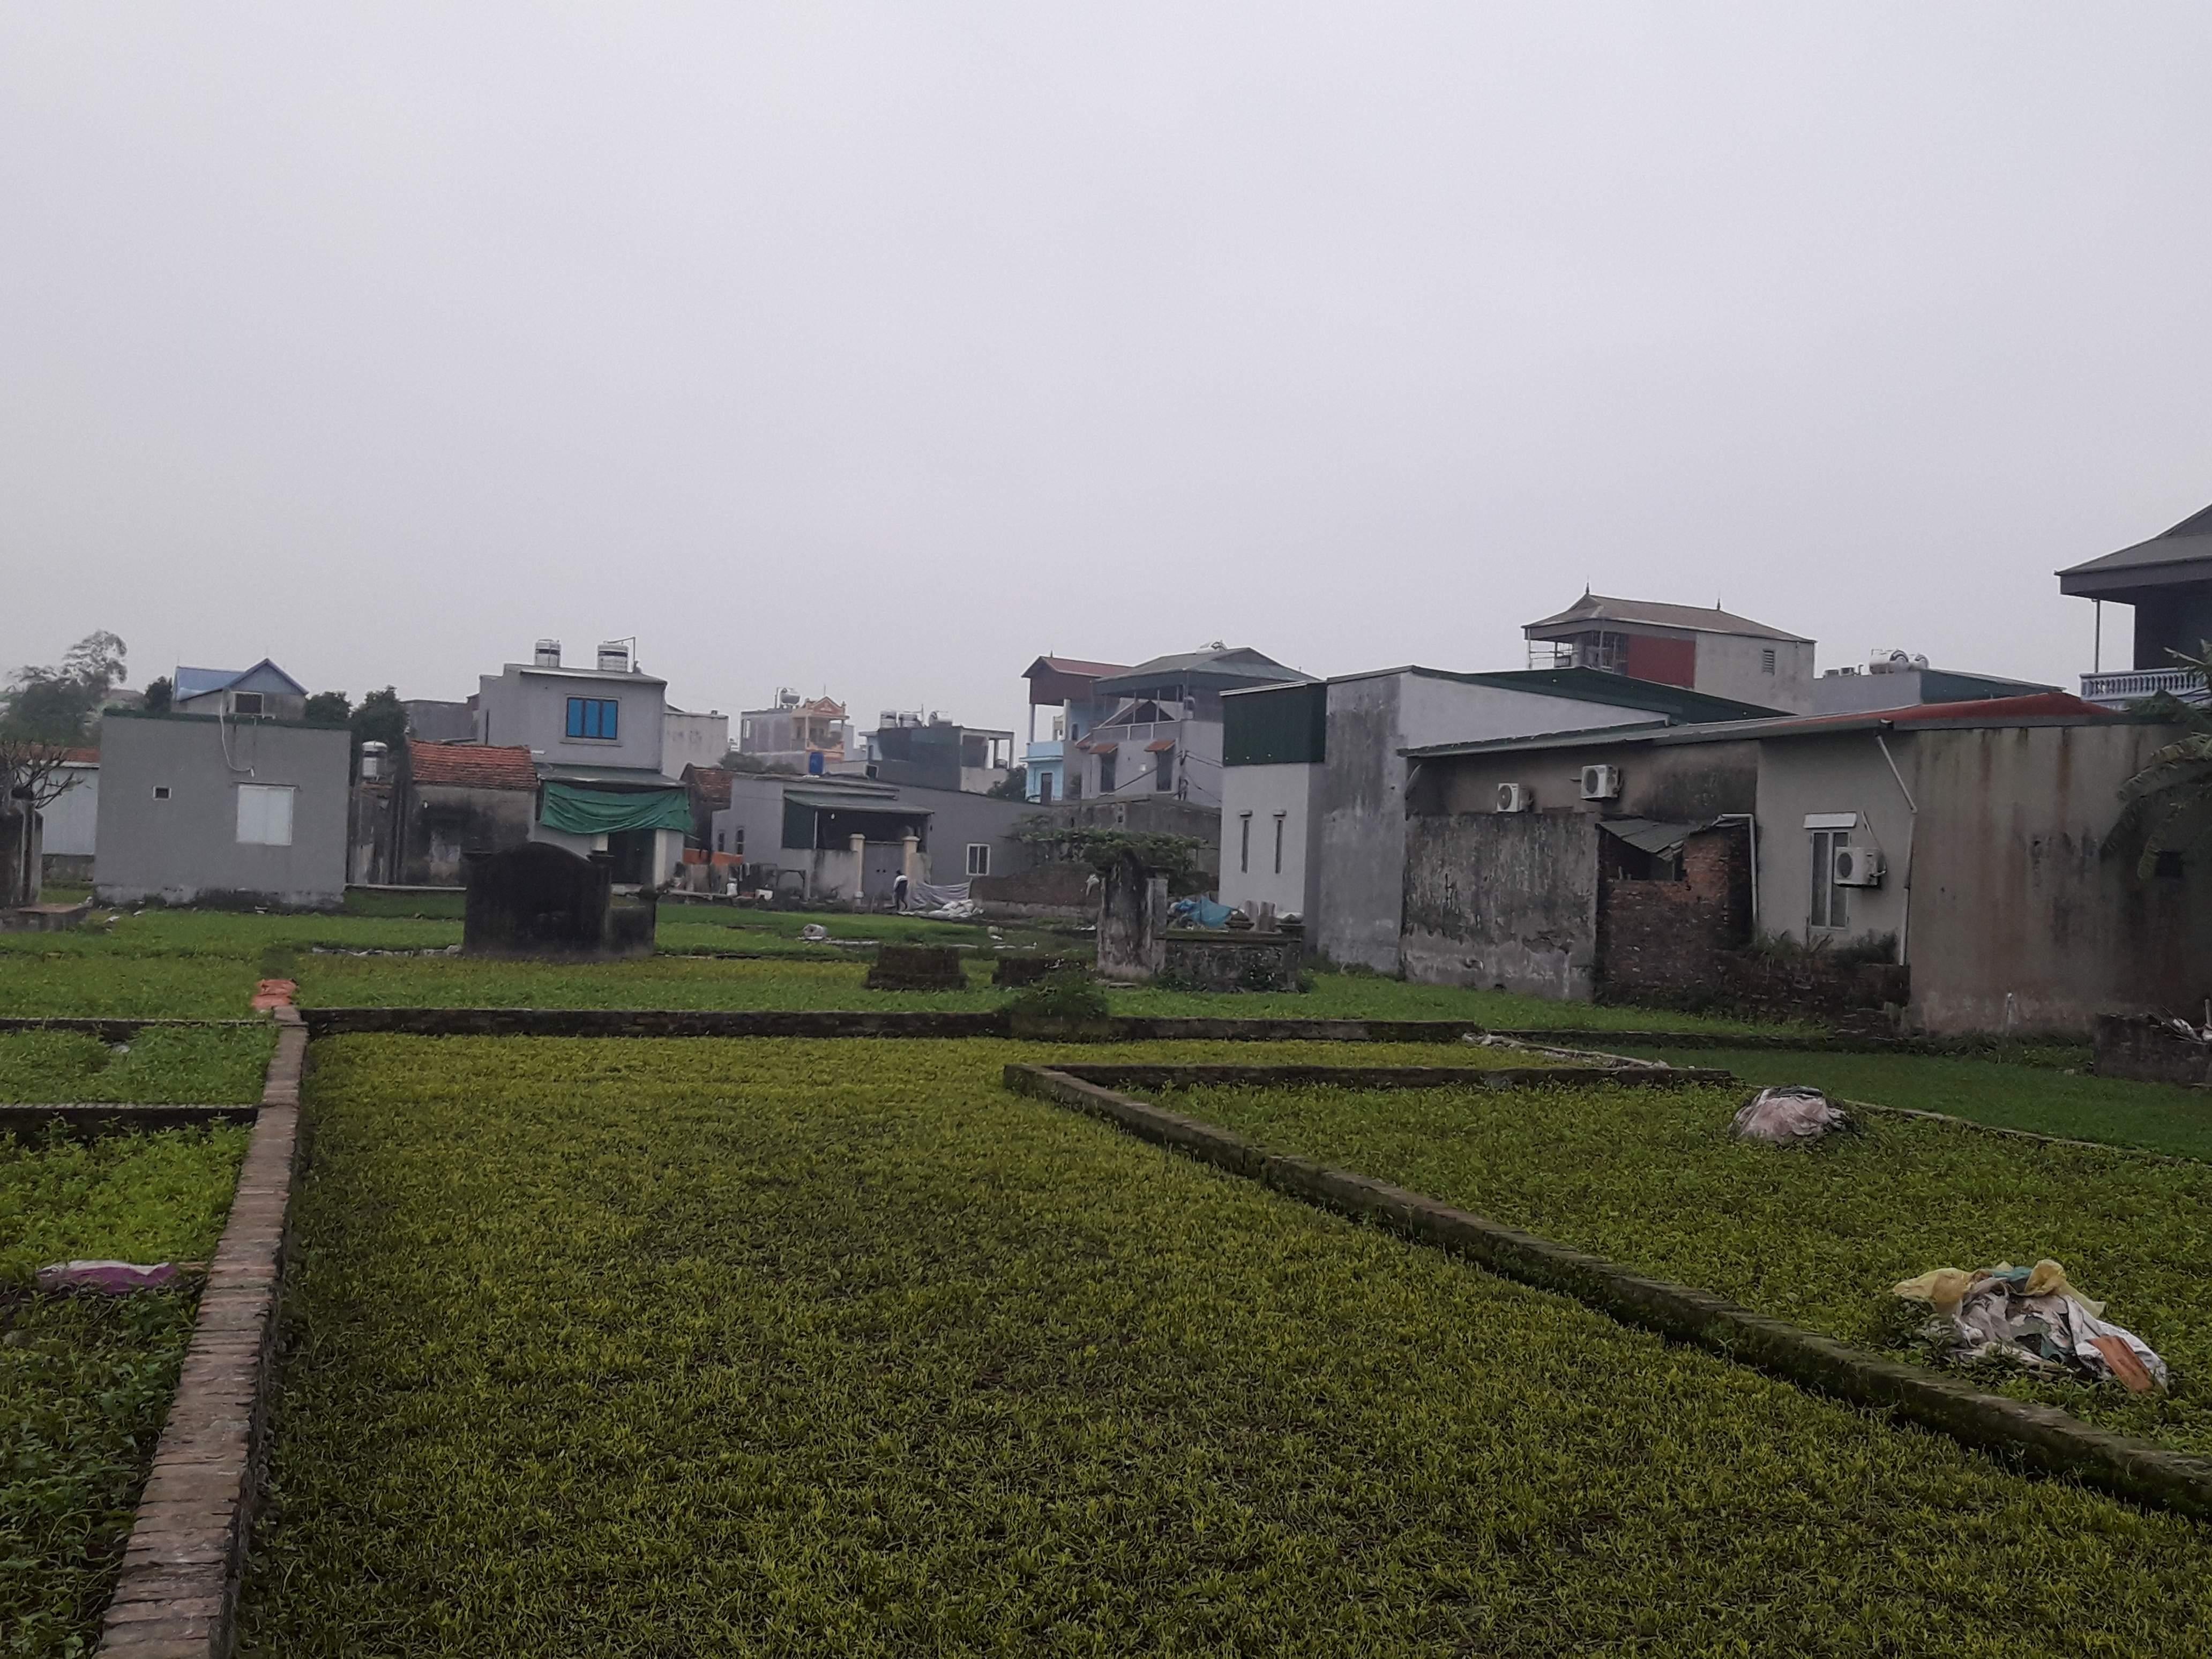 Xã Vĩnh Quỳnh, huyện Thanh Trì (Hà Nội): Nhiều công trình xây dựng trái phép trên đất nông nghiệp